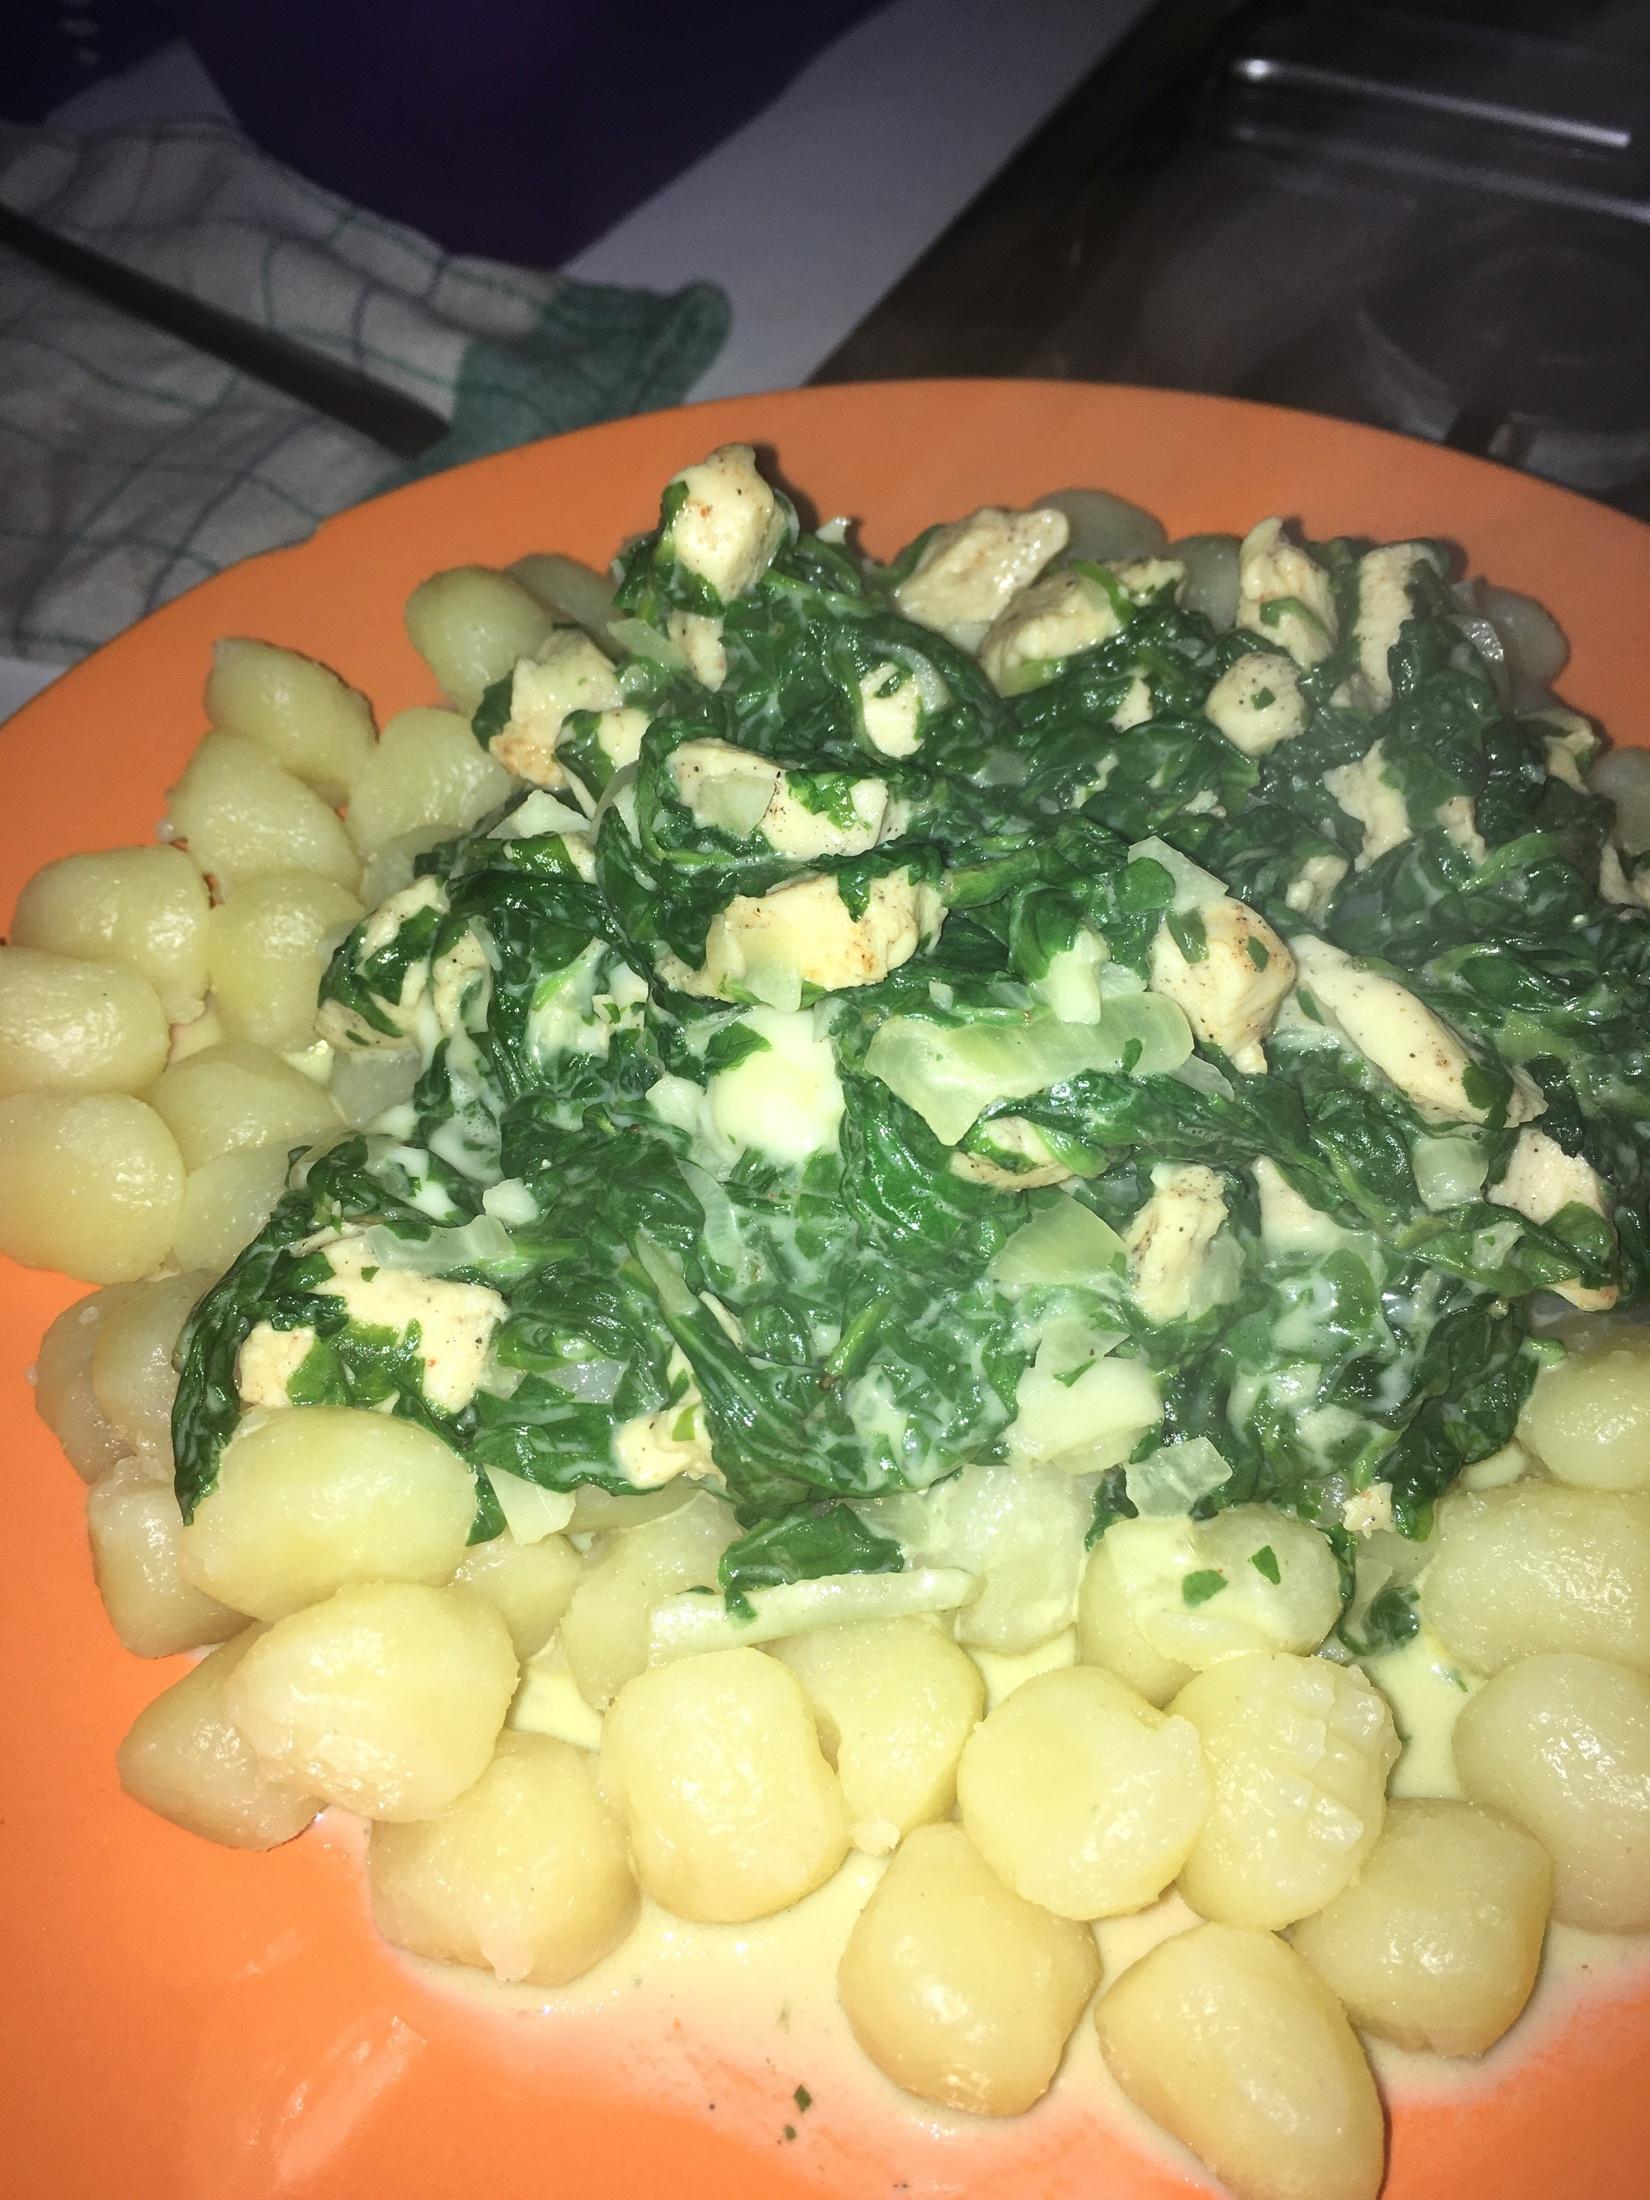 Recept Gnocchi s kuřecím masem, smetanou a špenátem - Rychlý a pro mne moc chutný oběd :)